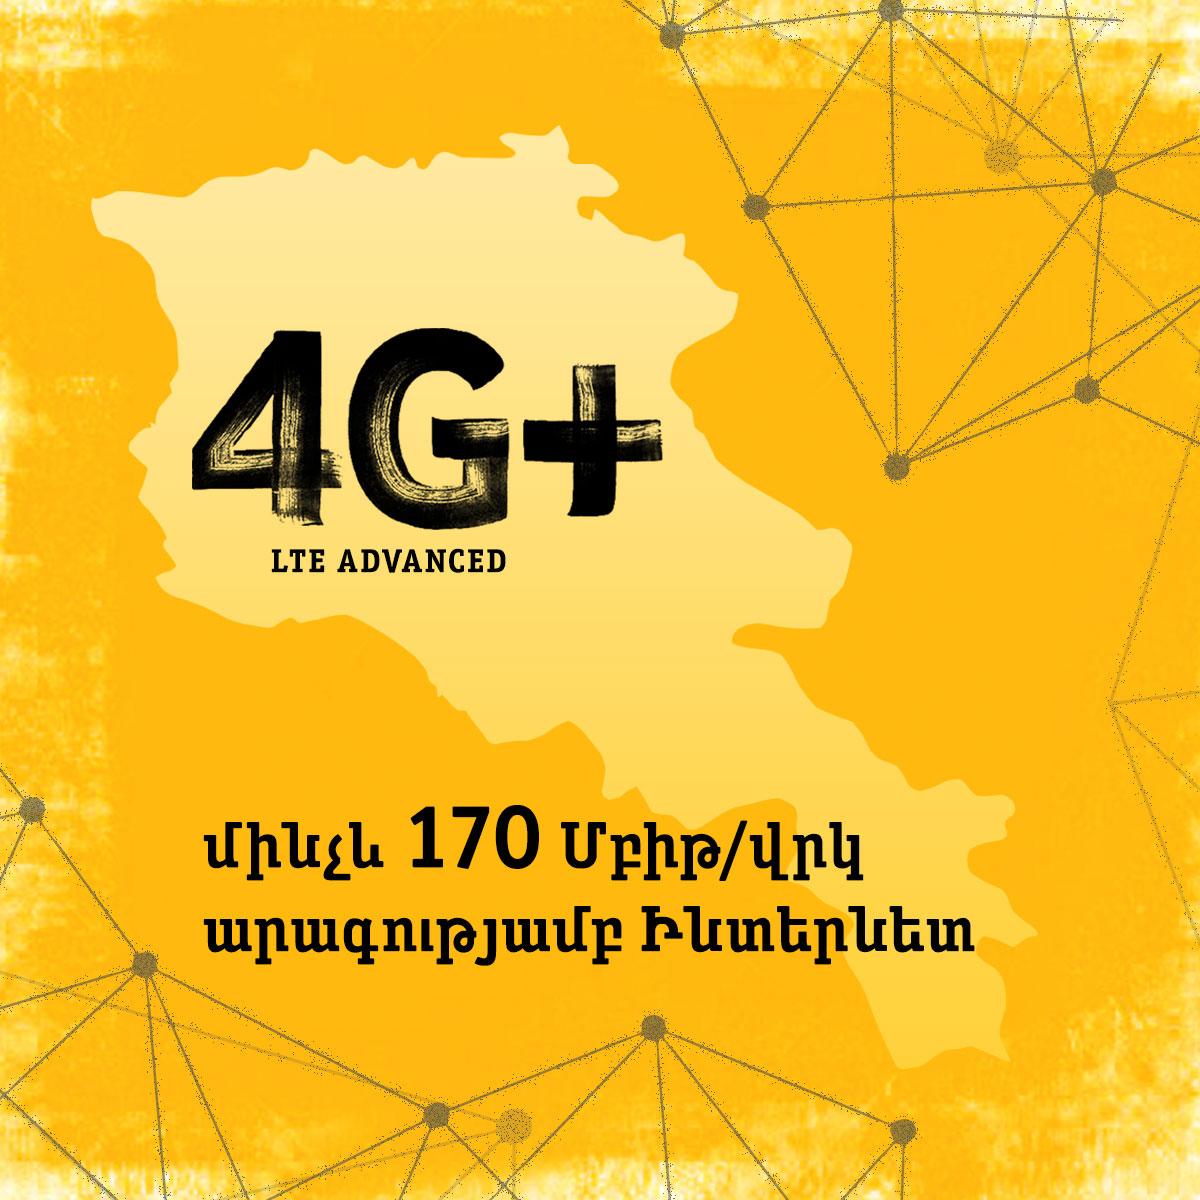 Beeline. գործարկվել է նոր 4G+ բջջային ցանց